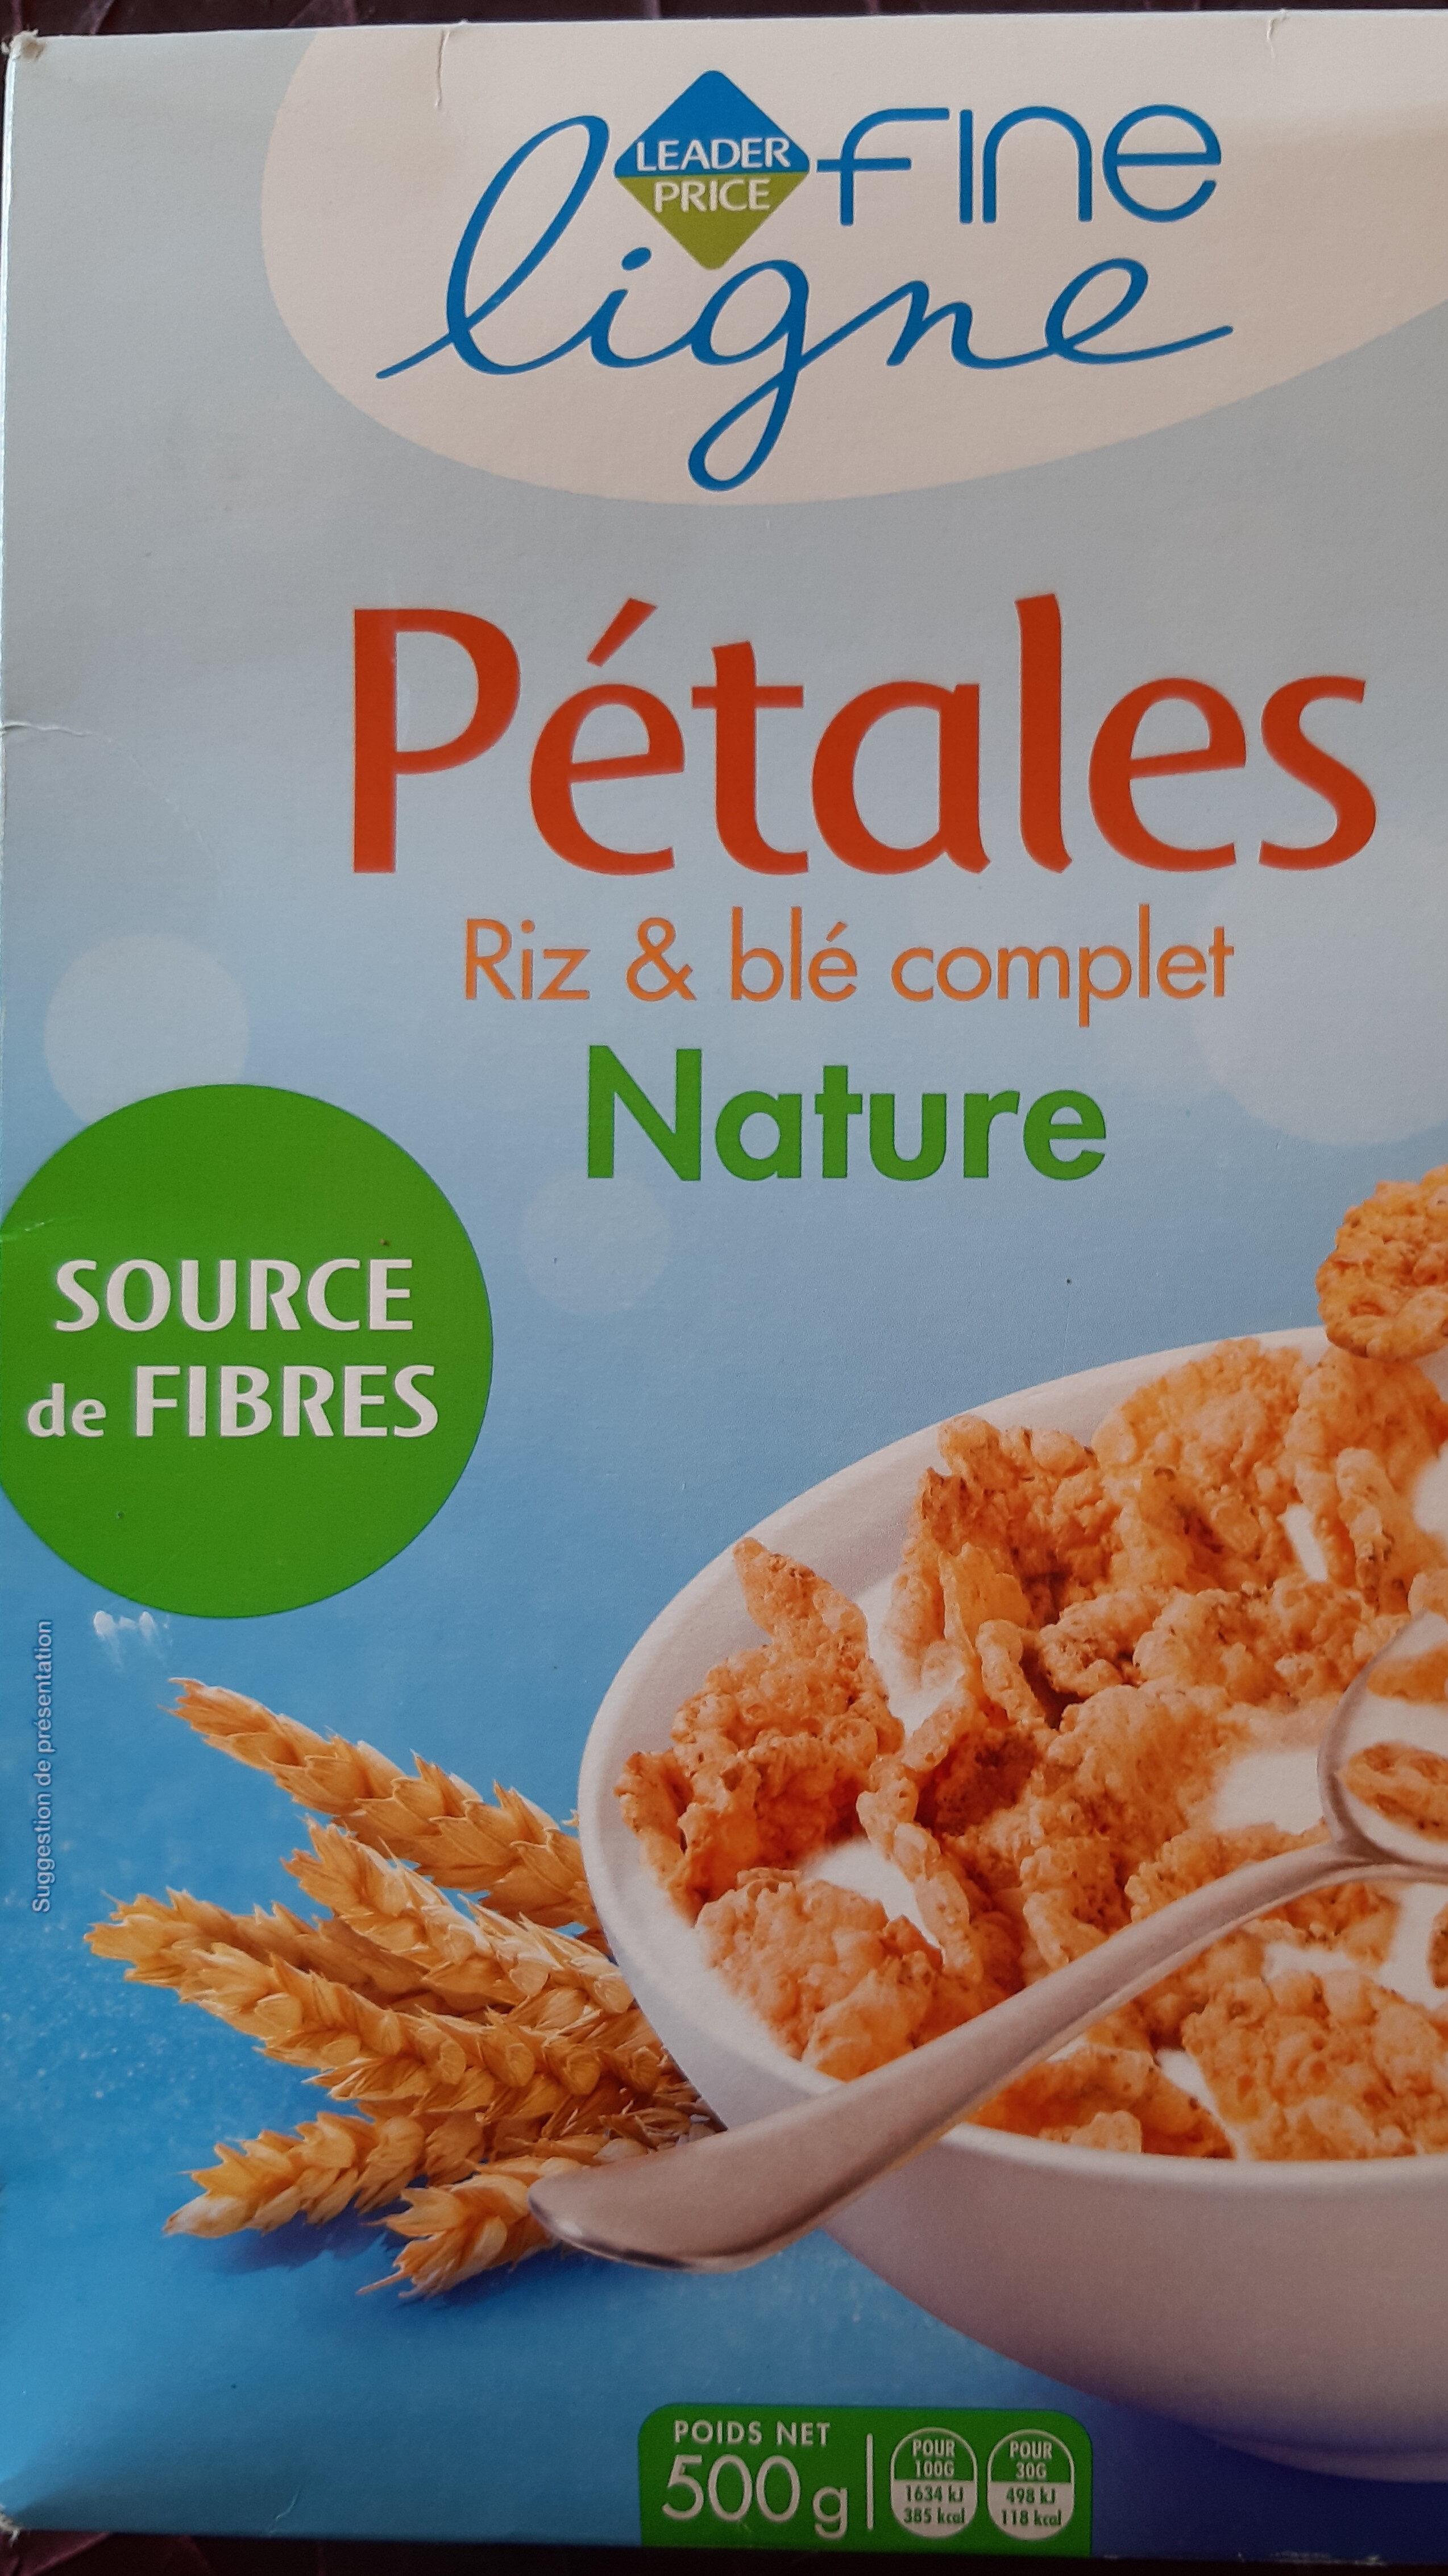 Pétales Riz & blé complet Nature - Product - fr